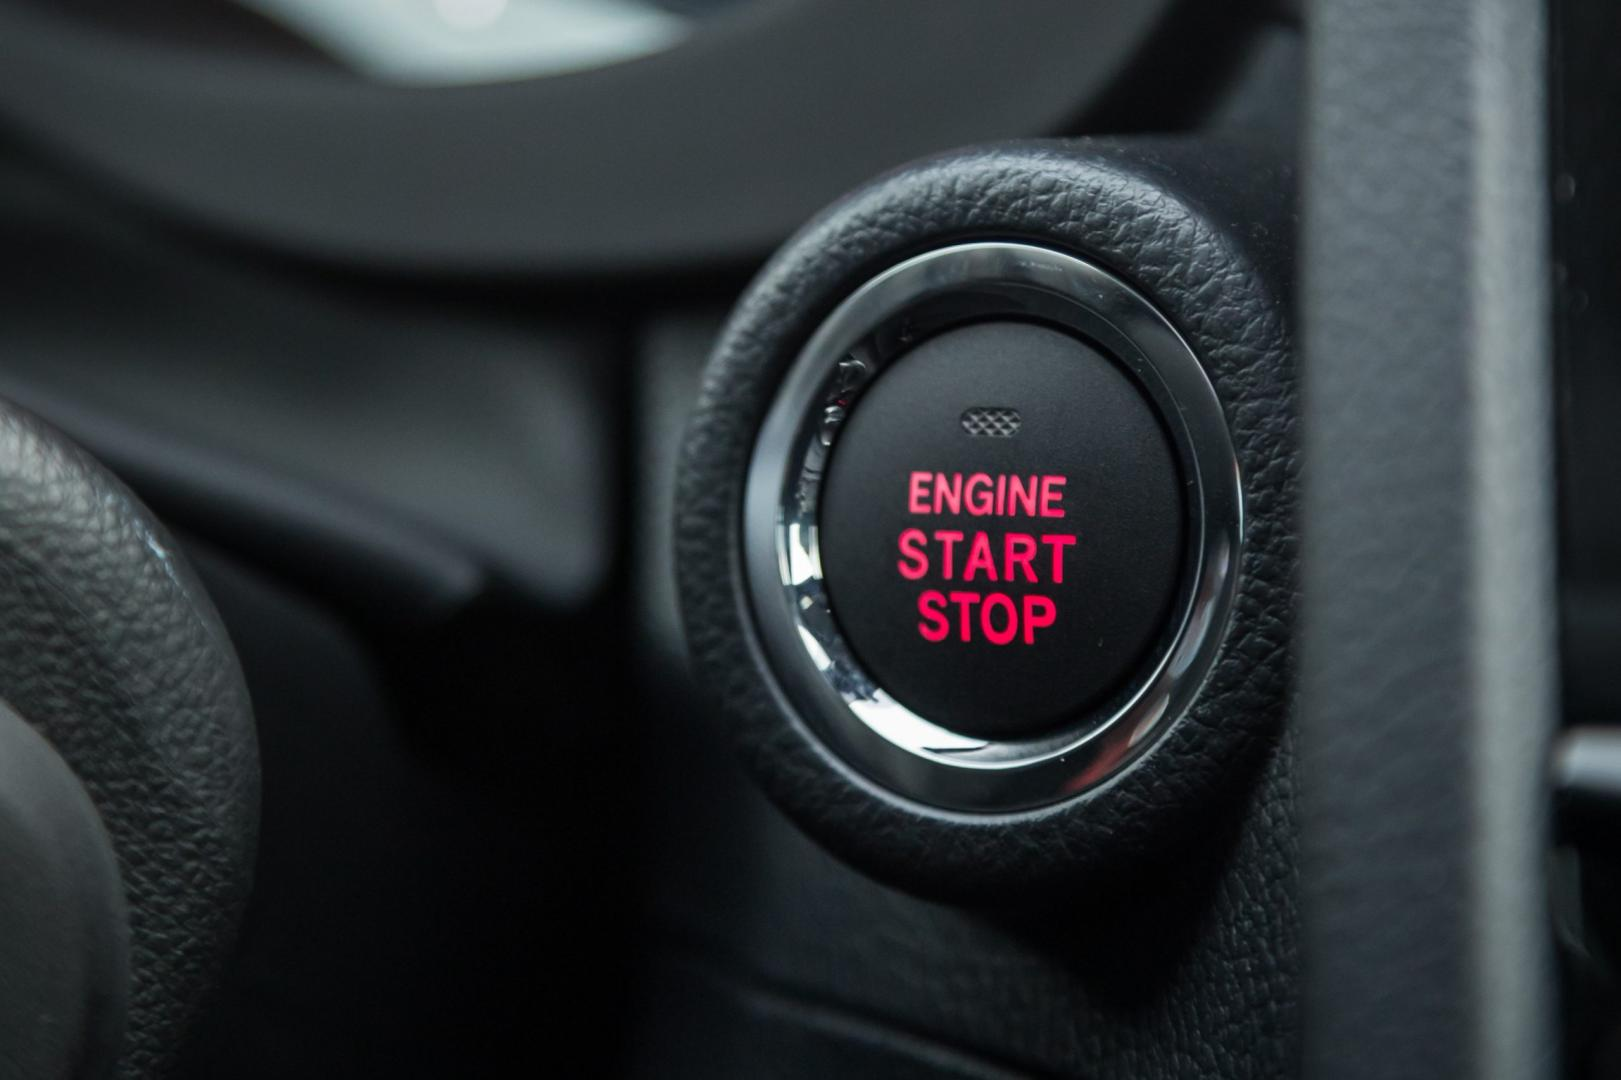 Subaru WRX STI engine start knopje (2018)